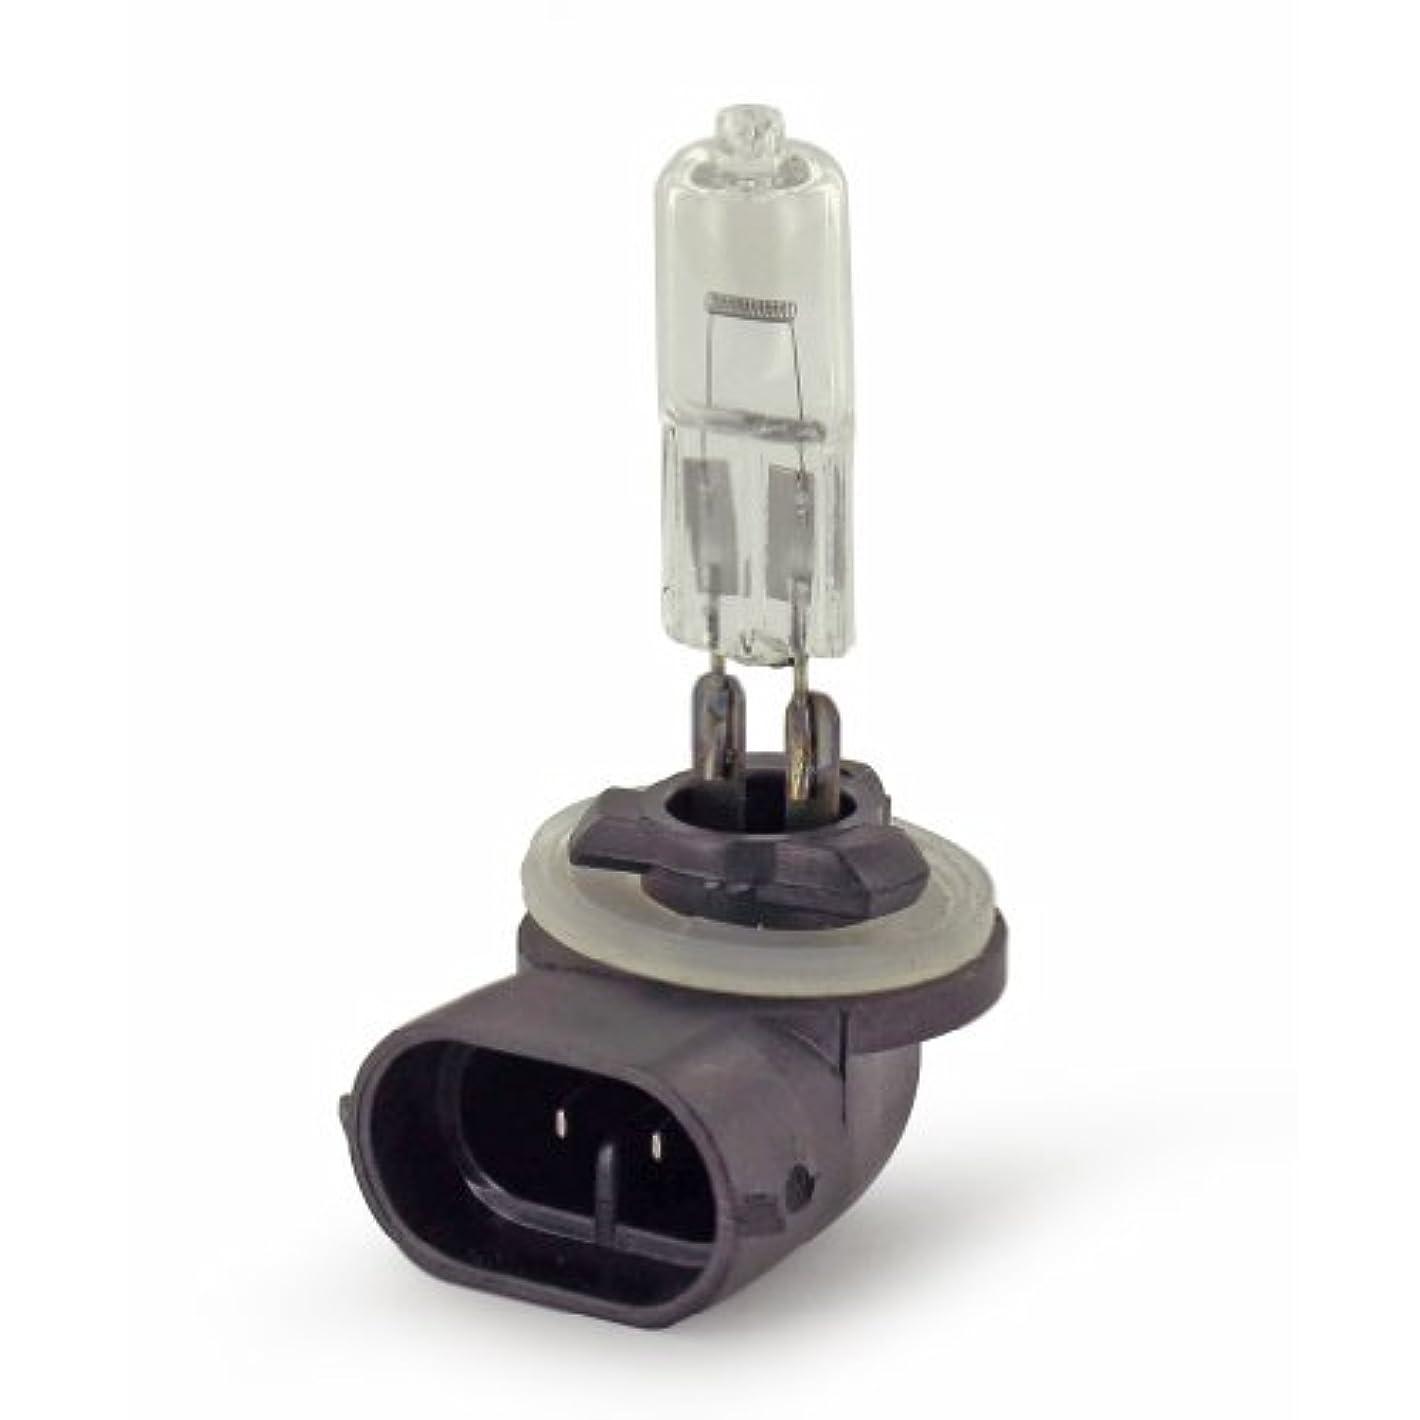 まだ製作突然Intella 1062038 GE 894 Bulb, 12.8V, 38W by Intella Liftparts Inc.